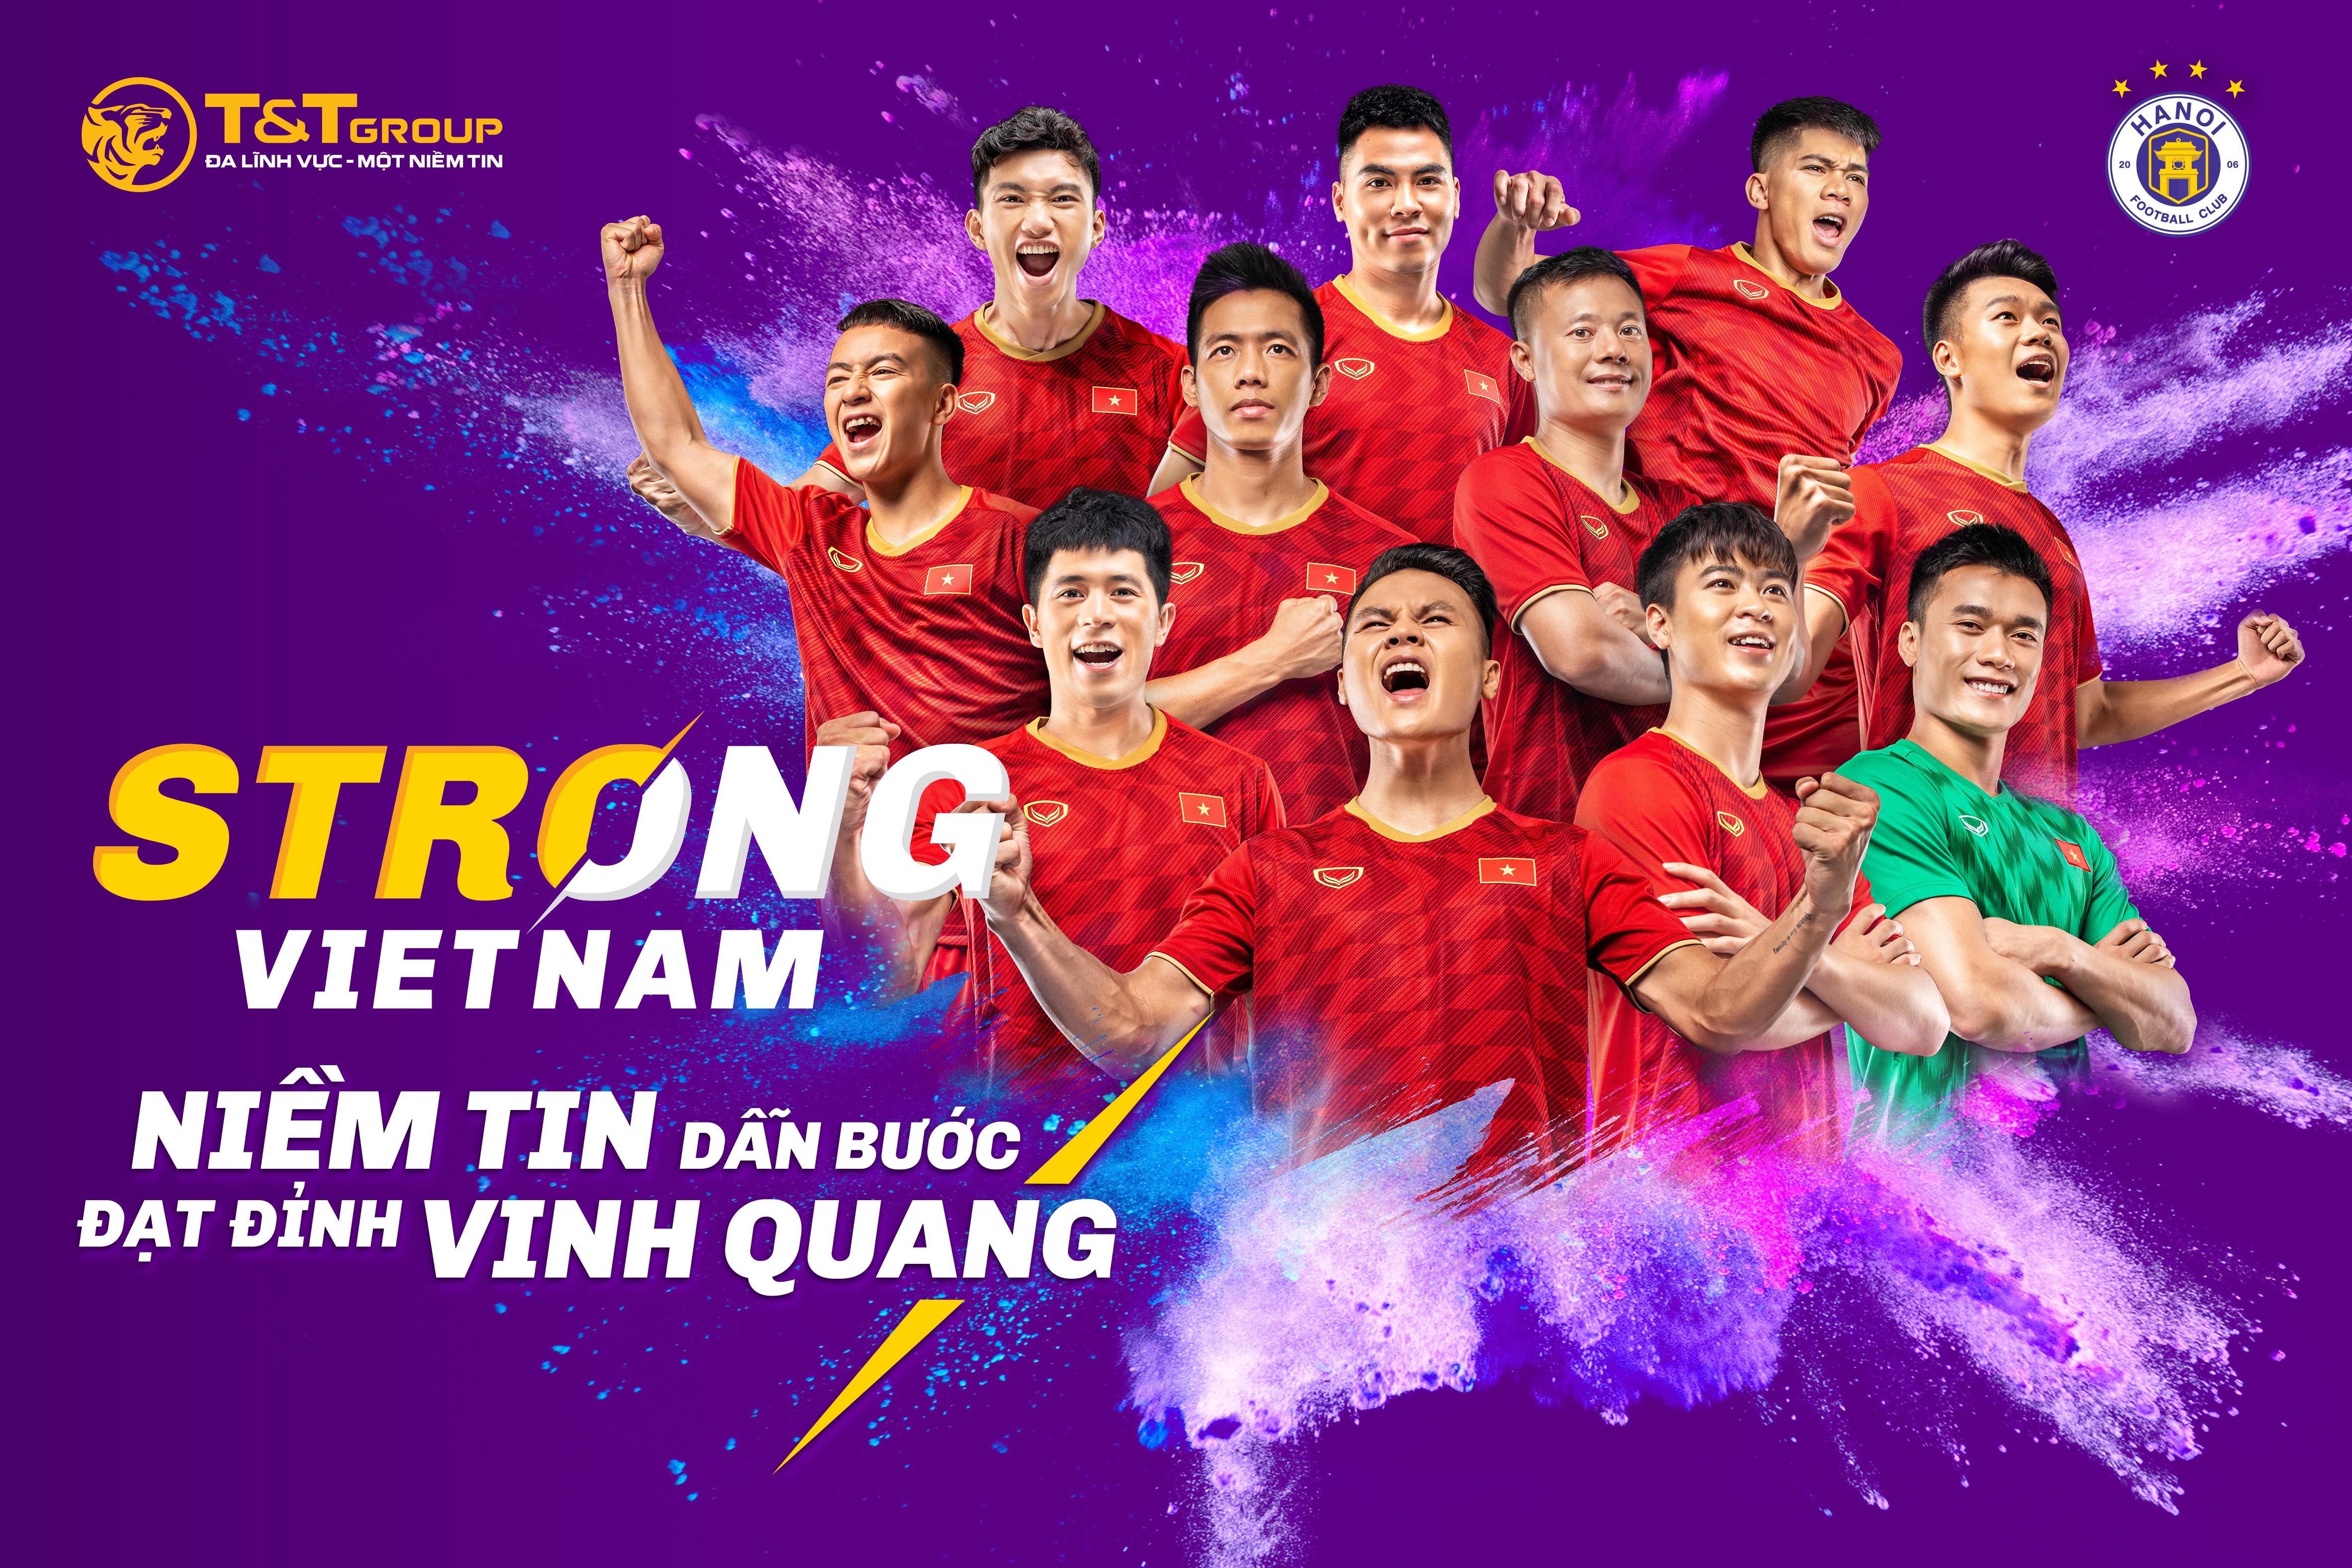 Văn Hậu, Quang Hải sẽ giao lưu với học sinh Hà Nội vào ngày mai  - Ảnh 1